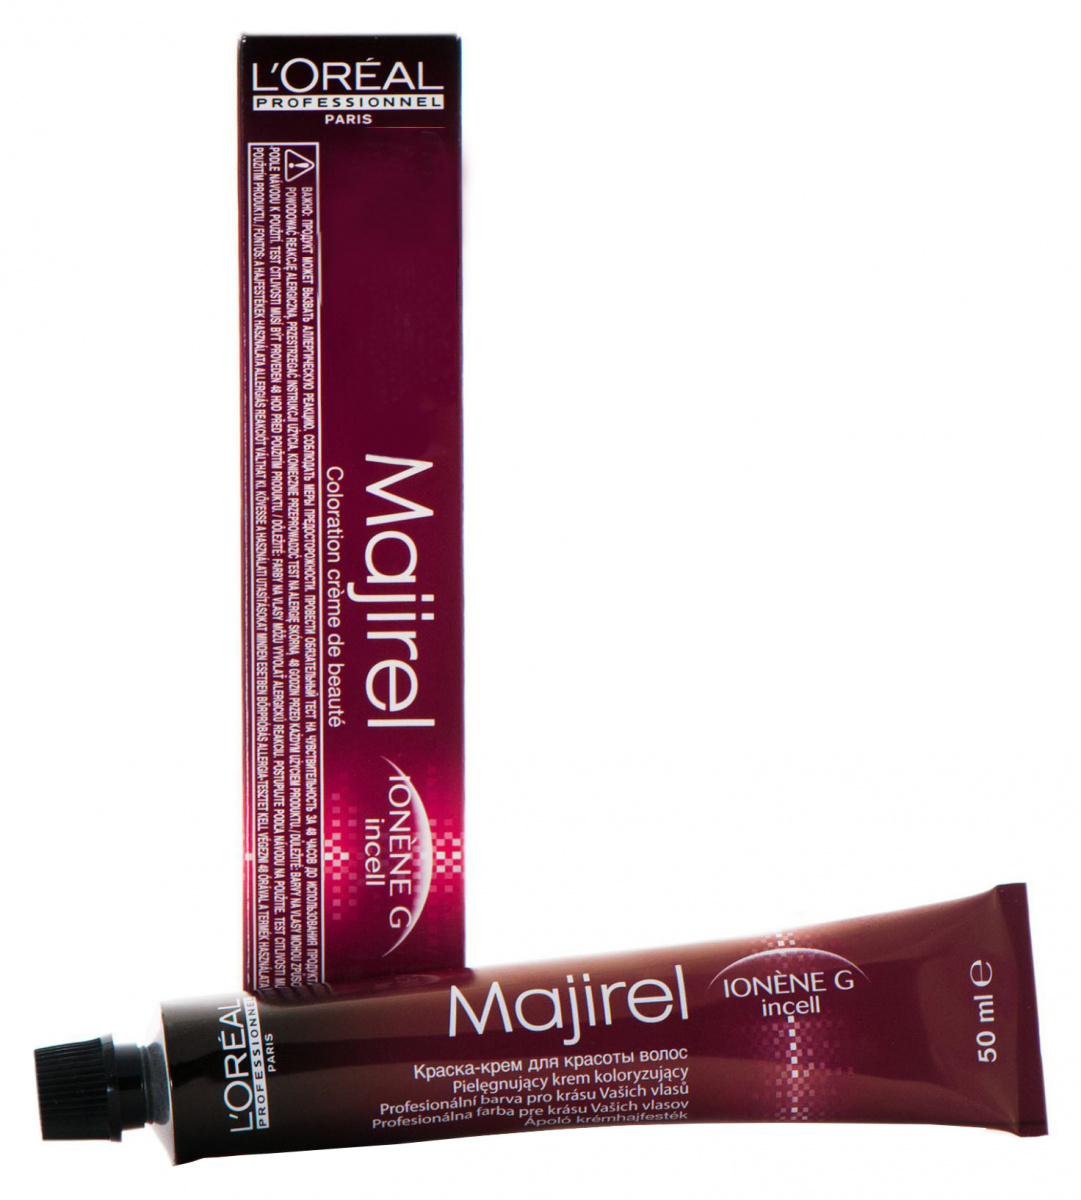 Краска для волос: типы, как разобраться в палитре, как выбрать, отличия между салонными и домашними красителями lokhony.com